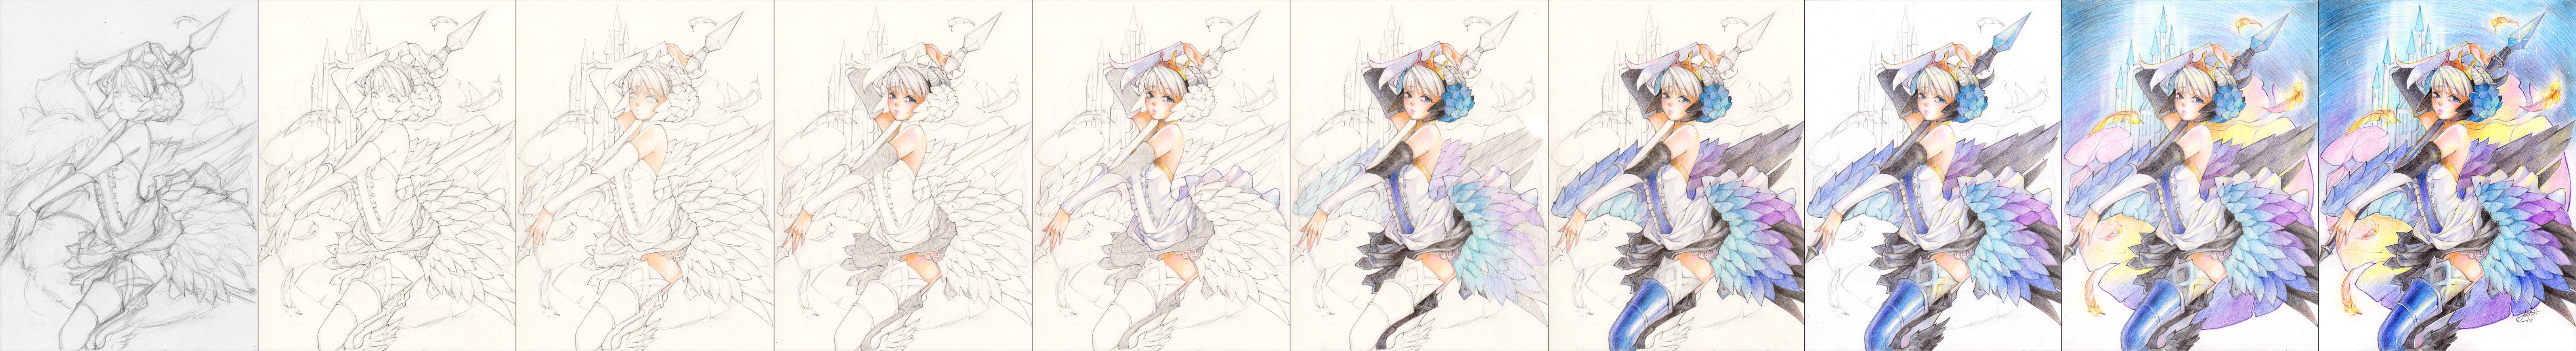 Gwendolyn: Process by Princess--Ailish